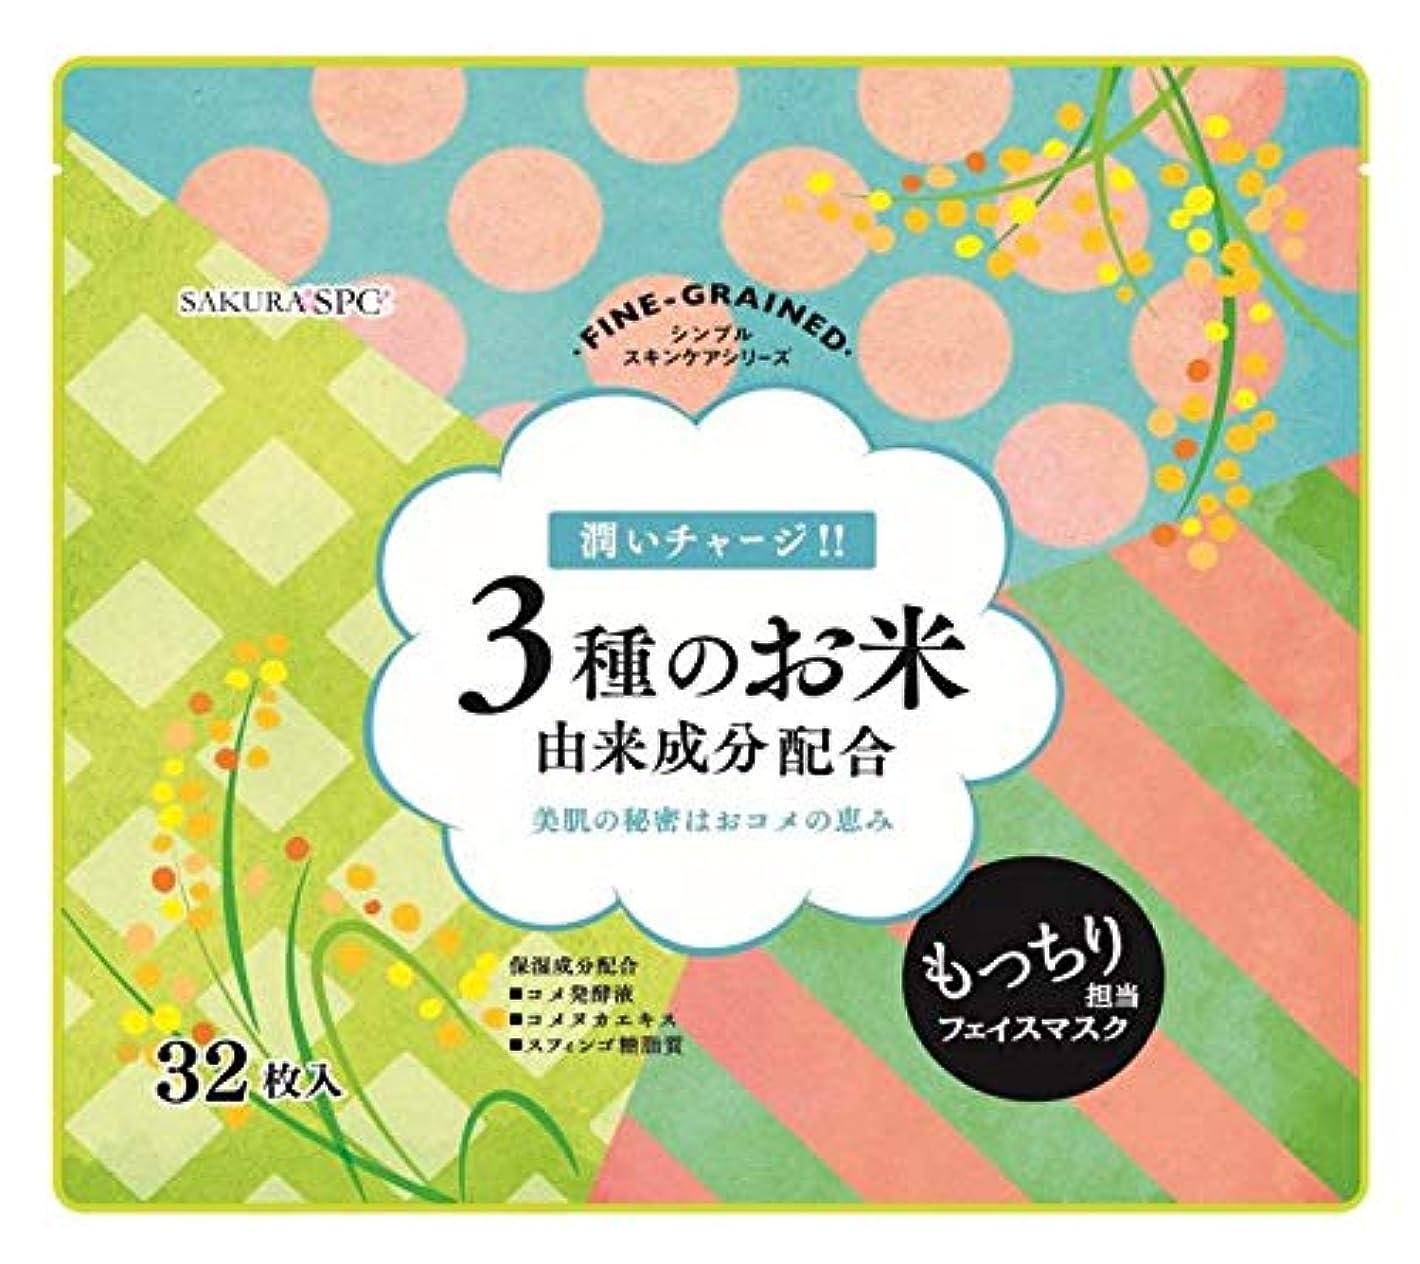 枯渇する安心させる抑圧3種のお米 由来成分配合 フェイス マスク 32枚入り (FINE GRAINED) シンプルスキンケアシリーズ